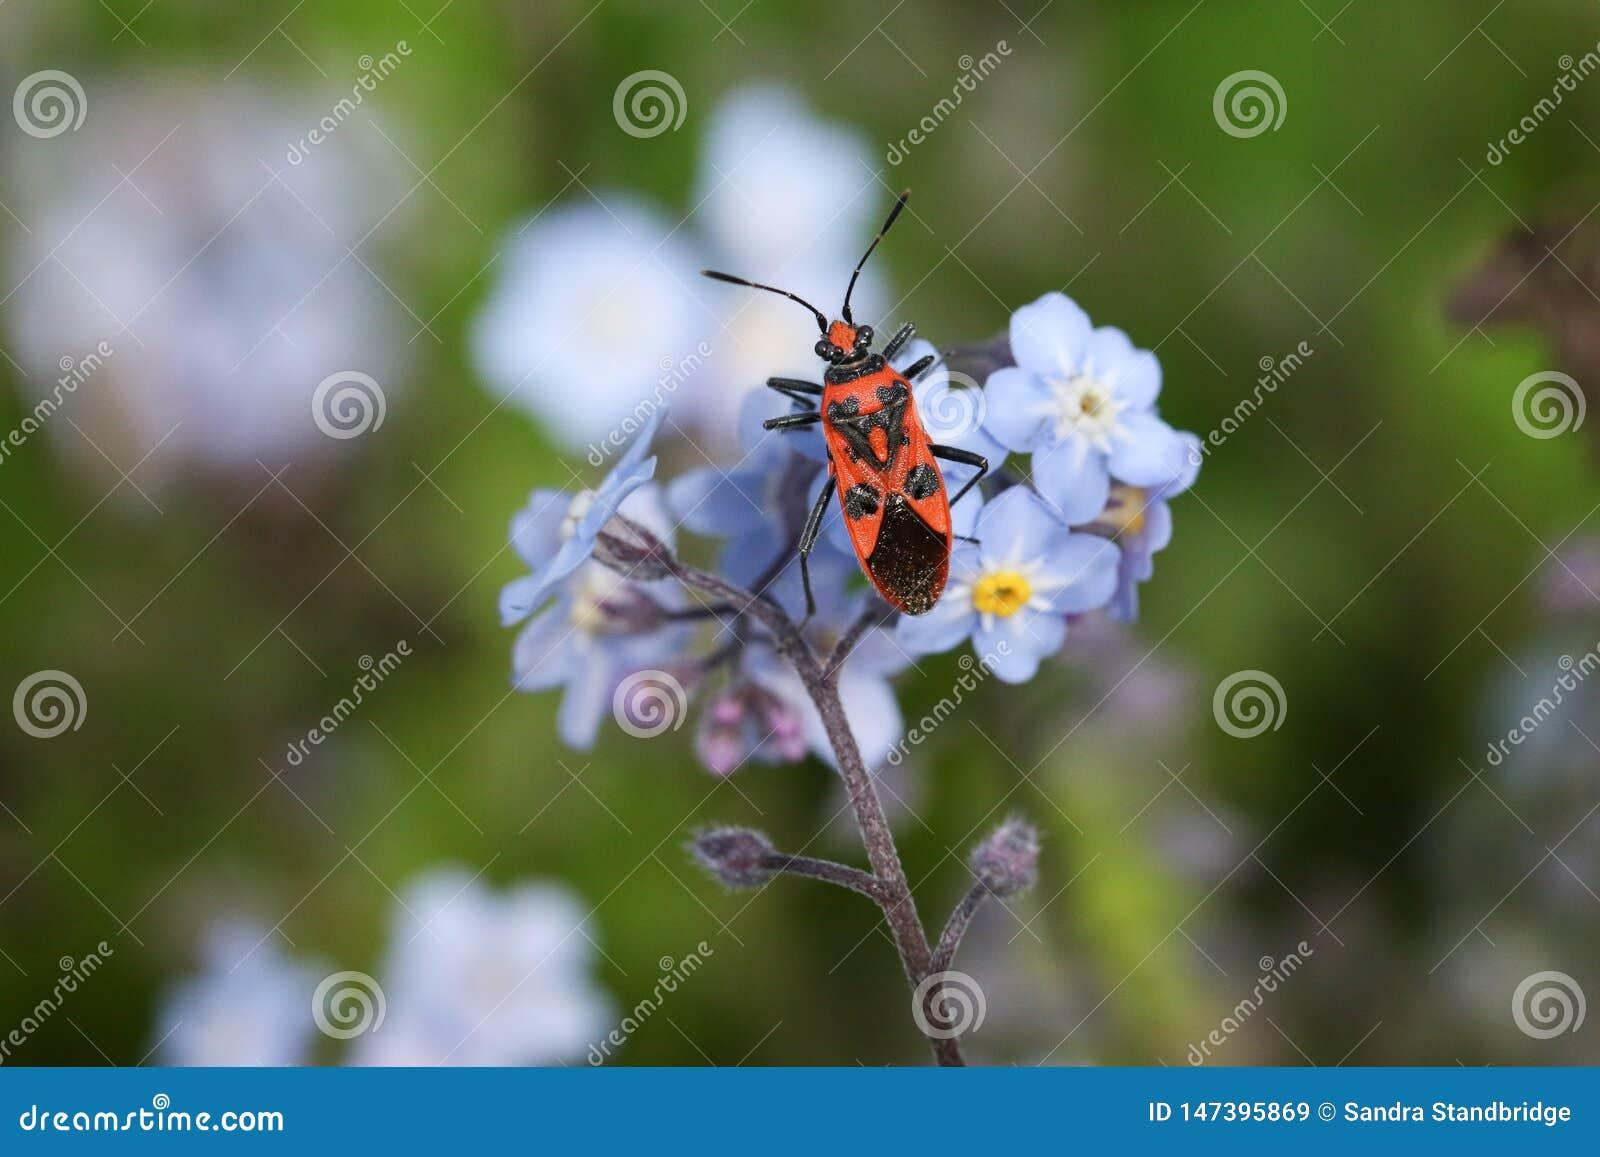 Ładna Cynamonowa pluskwa, Corizus hyoscyami, umieszcza na niezapominajkowych kwiaty